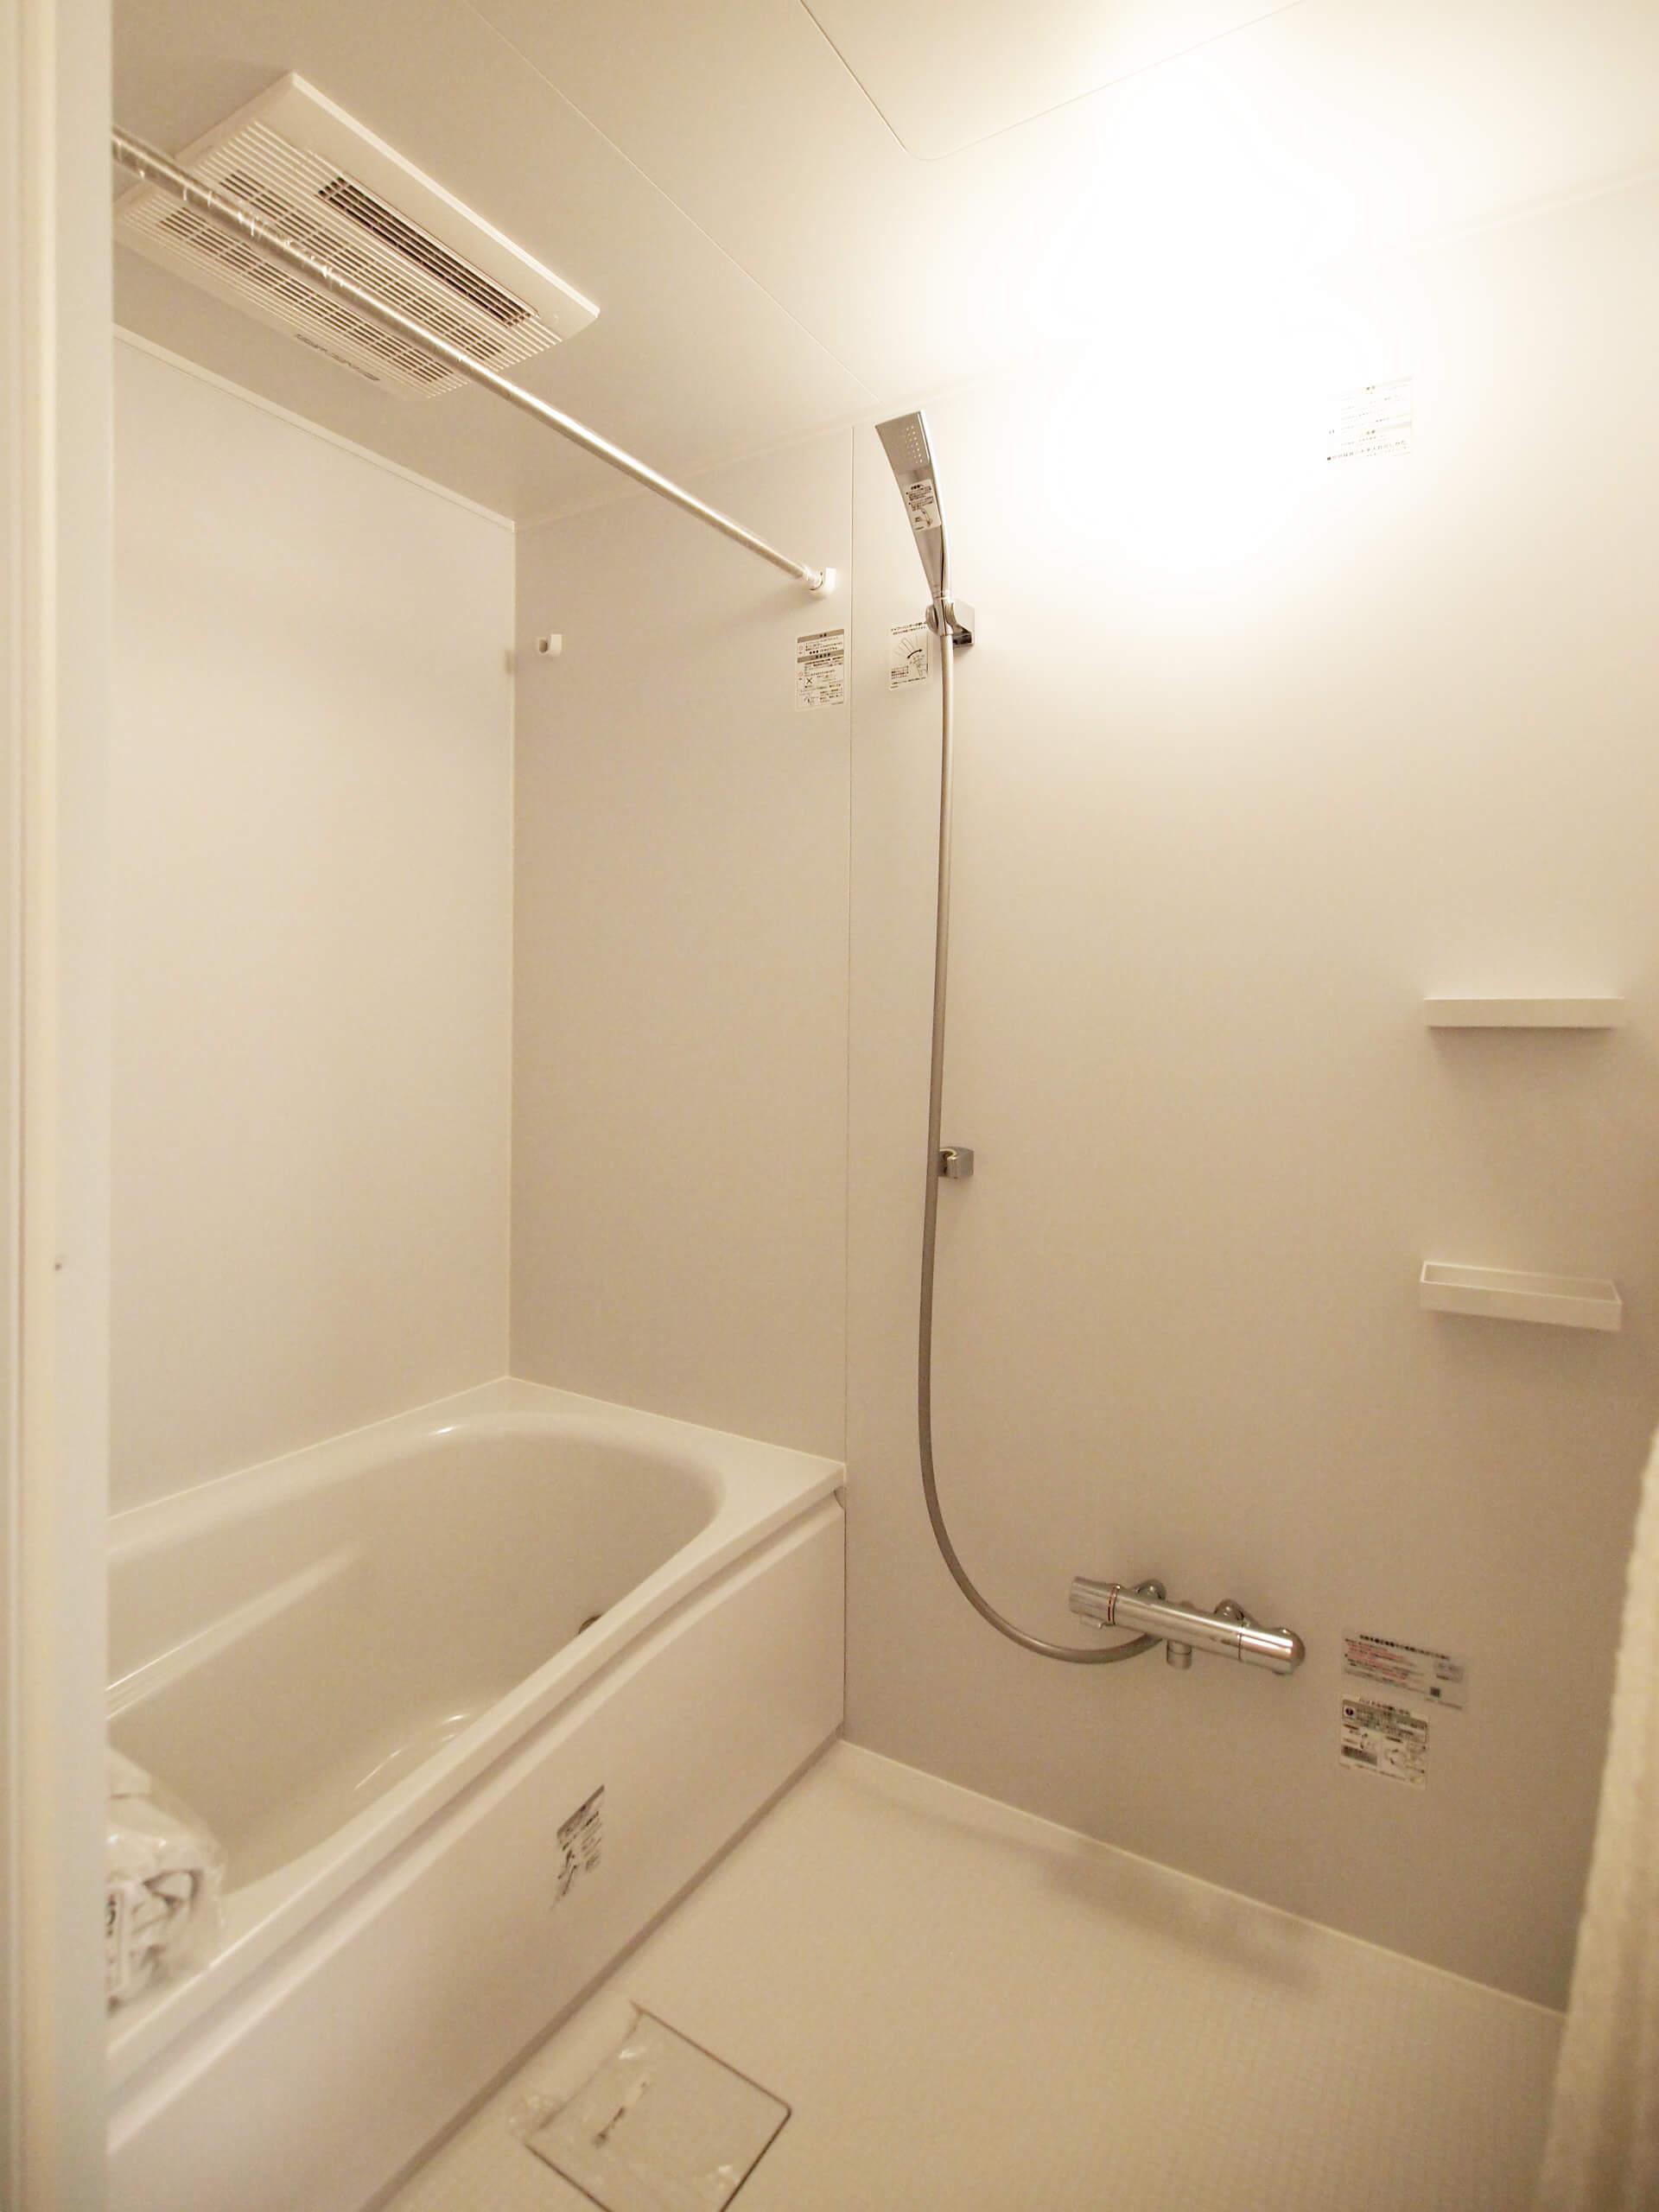 浴室乾燥暖房機、追炊機能つき